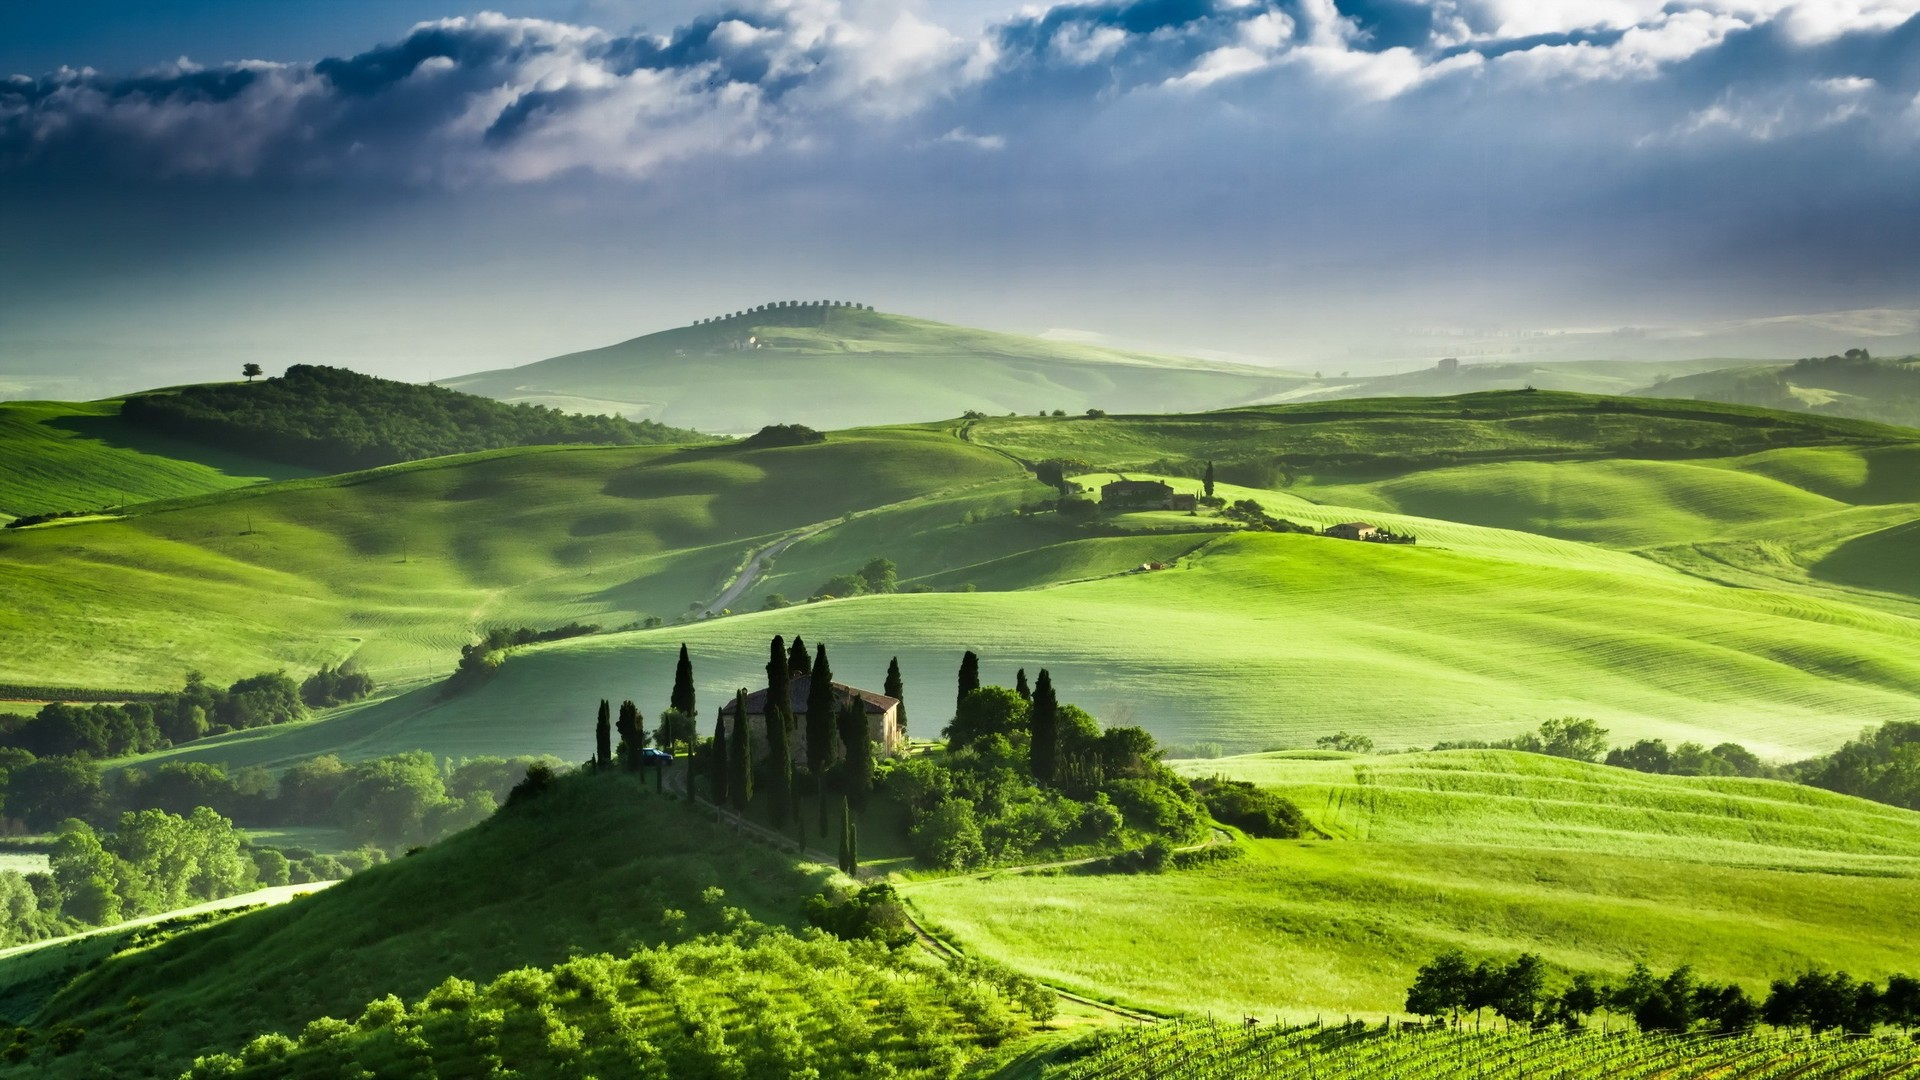 ... tuscany-italy-489814 ...